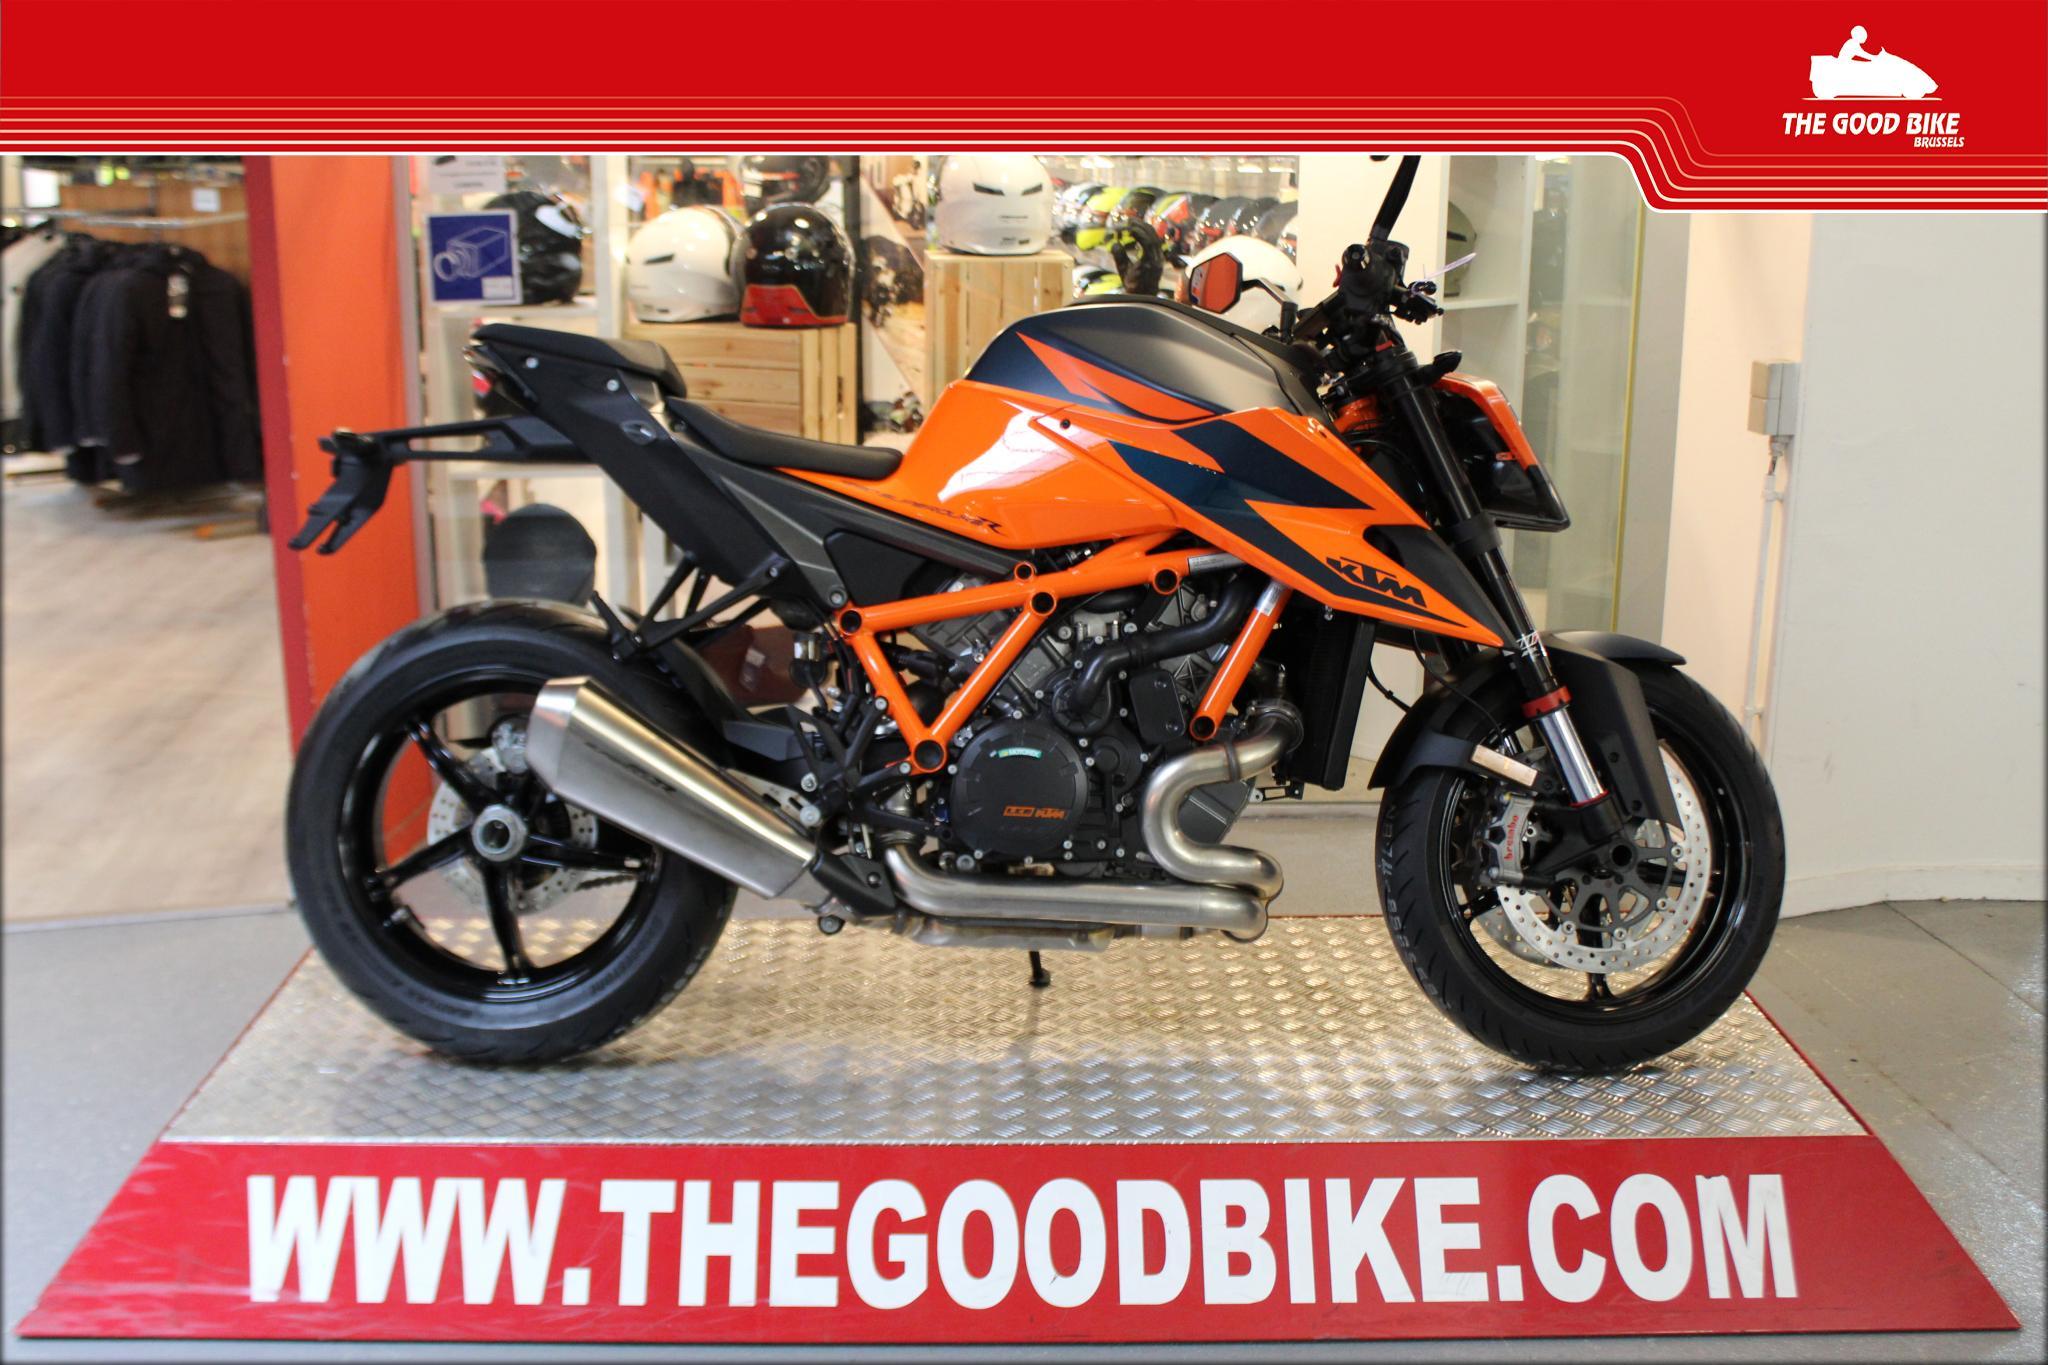 KTM 1290Superduke R 2021 orange - Naked